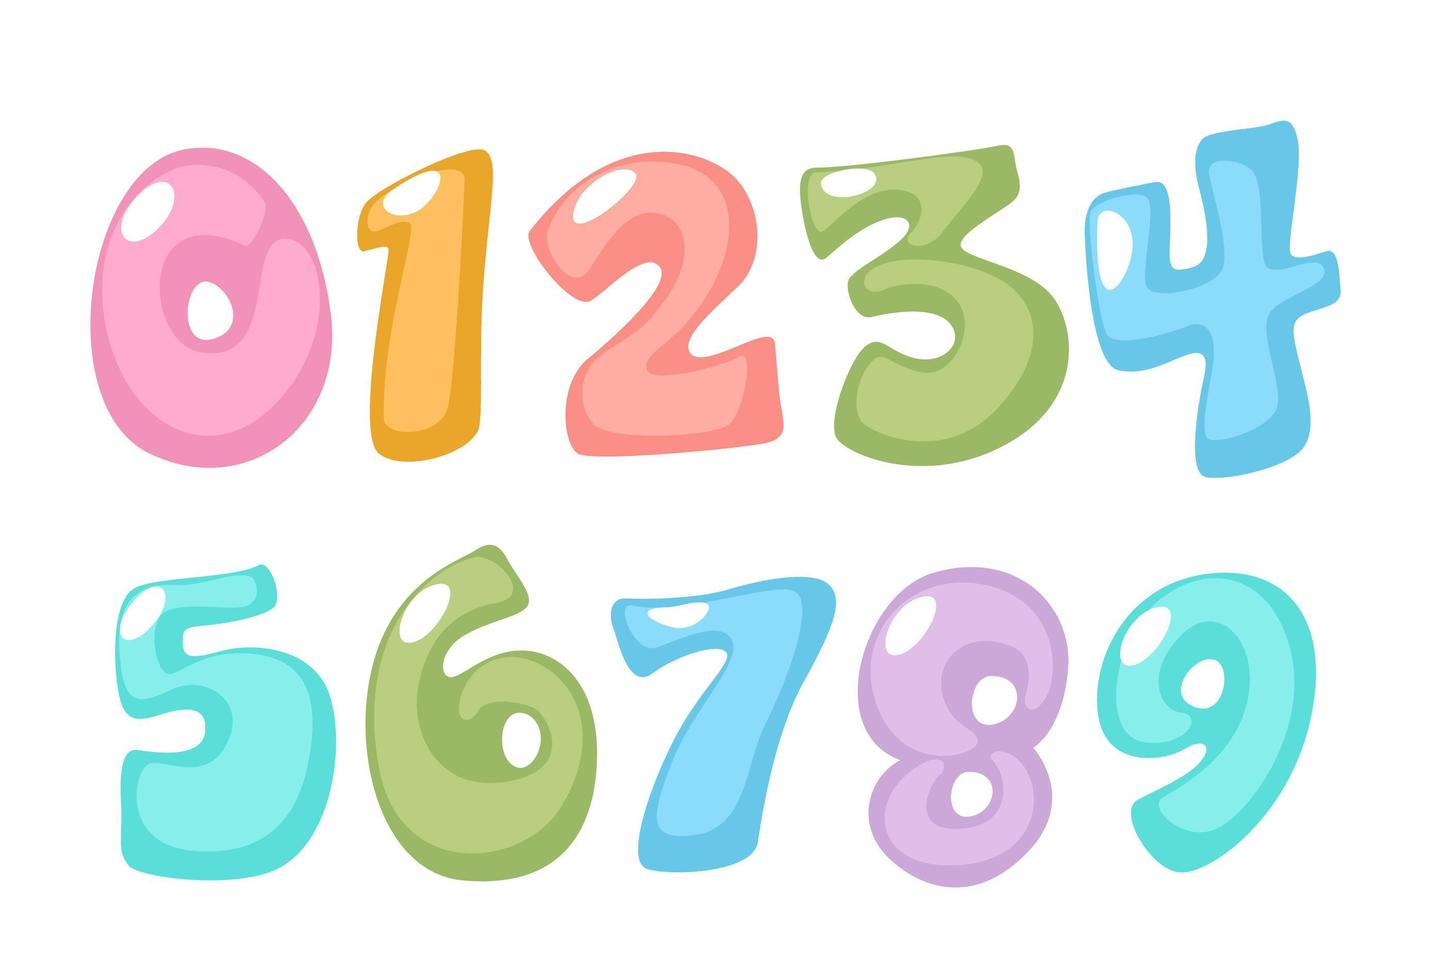 numeri di colore pastello divertenti vettore